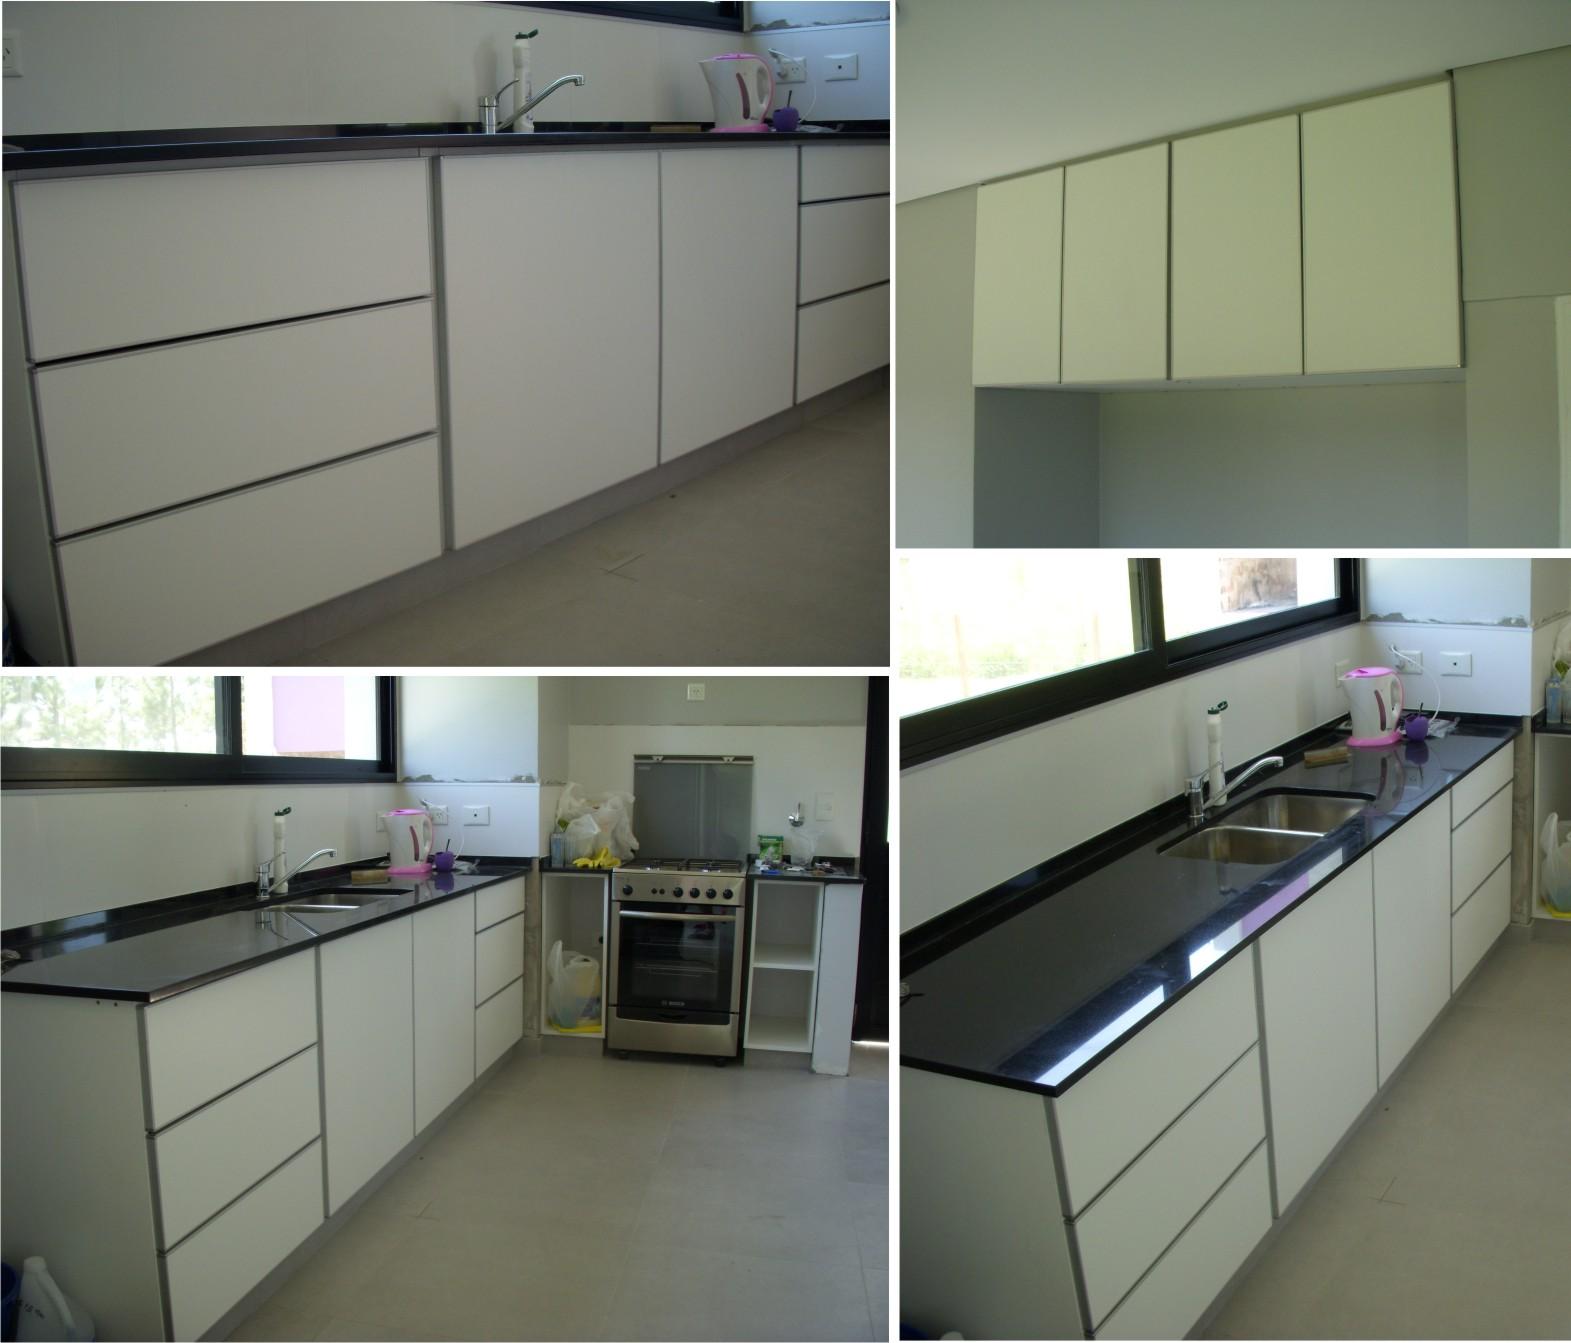 Oma delicateza dise os integrales muebles de cocina en for Severino muebles cocina alacena melamina blanca